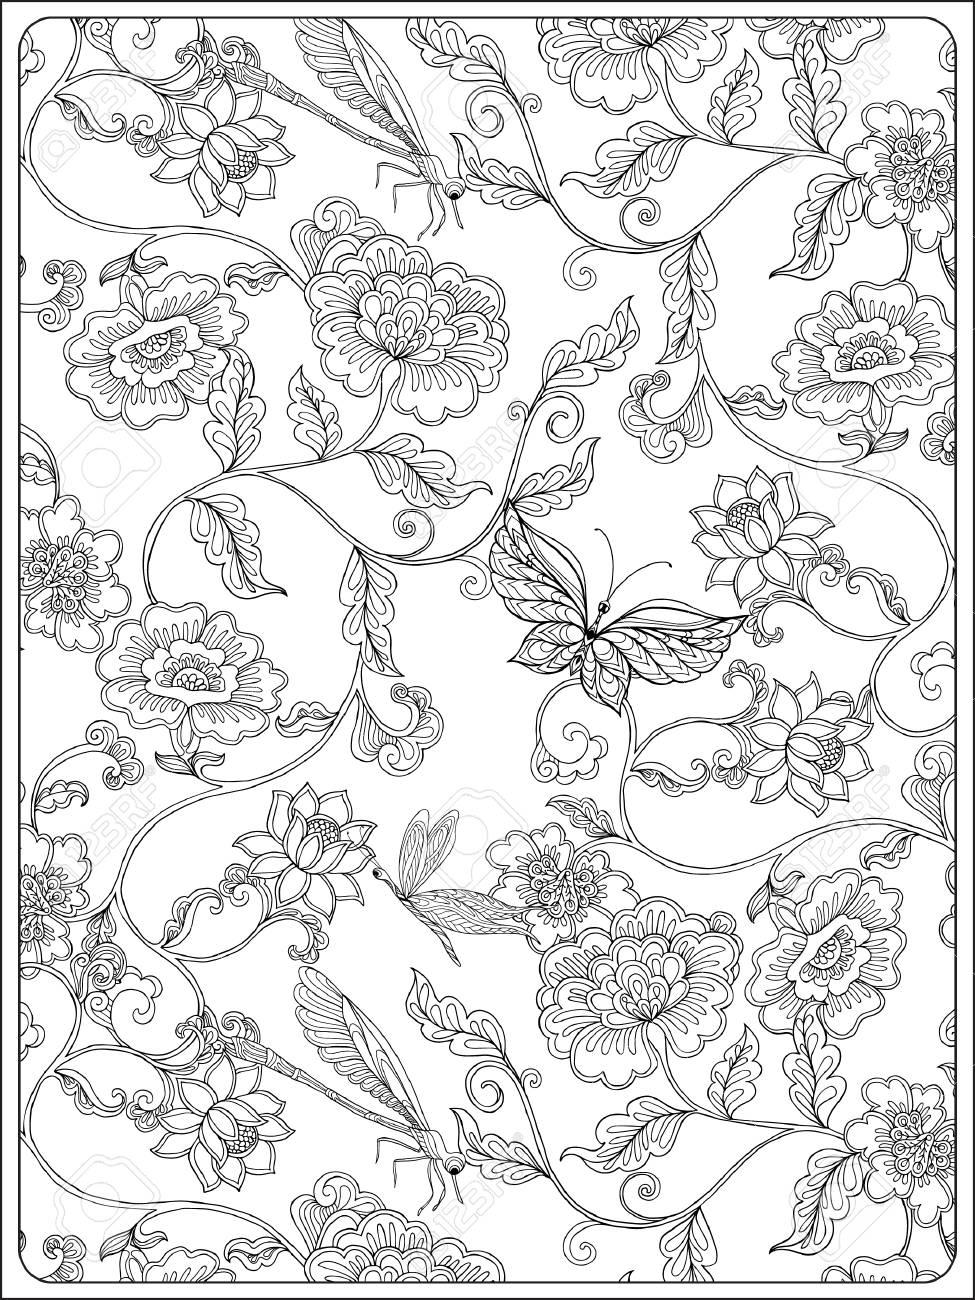 Patron Floral Vintage Dibujo De Esquema Libro De Colorear Para